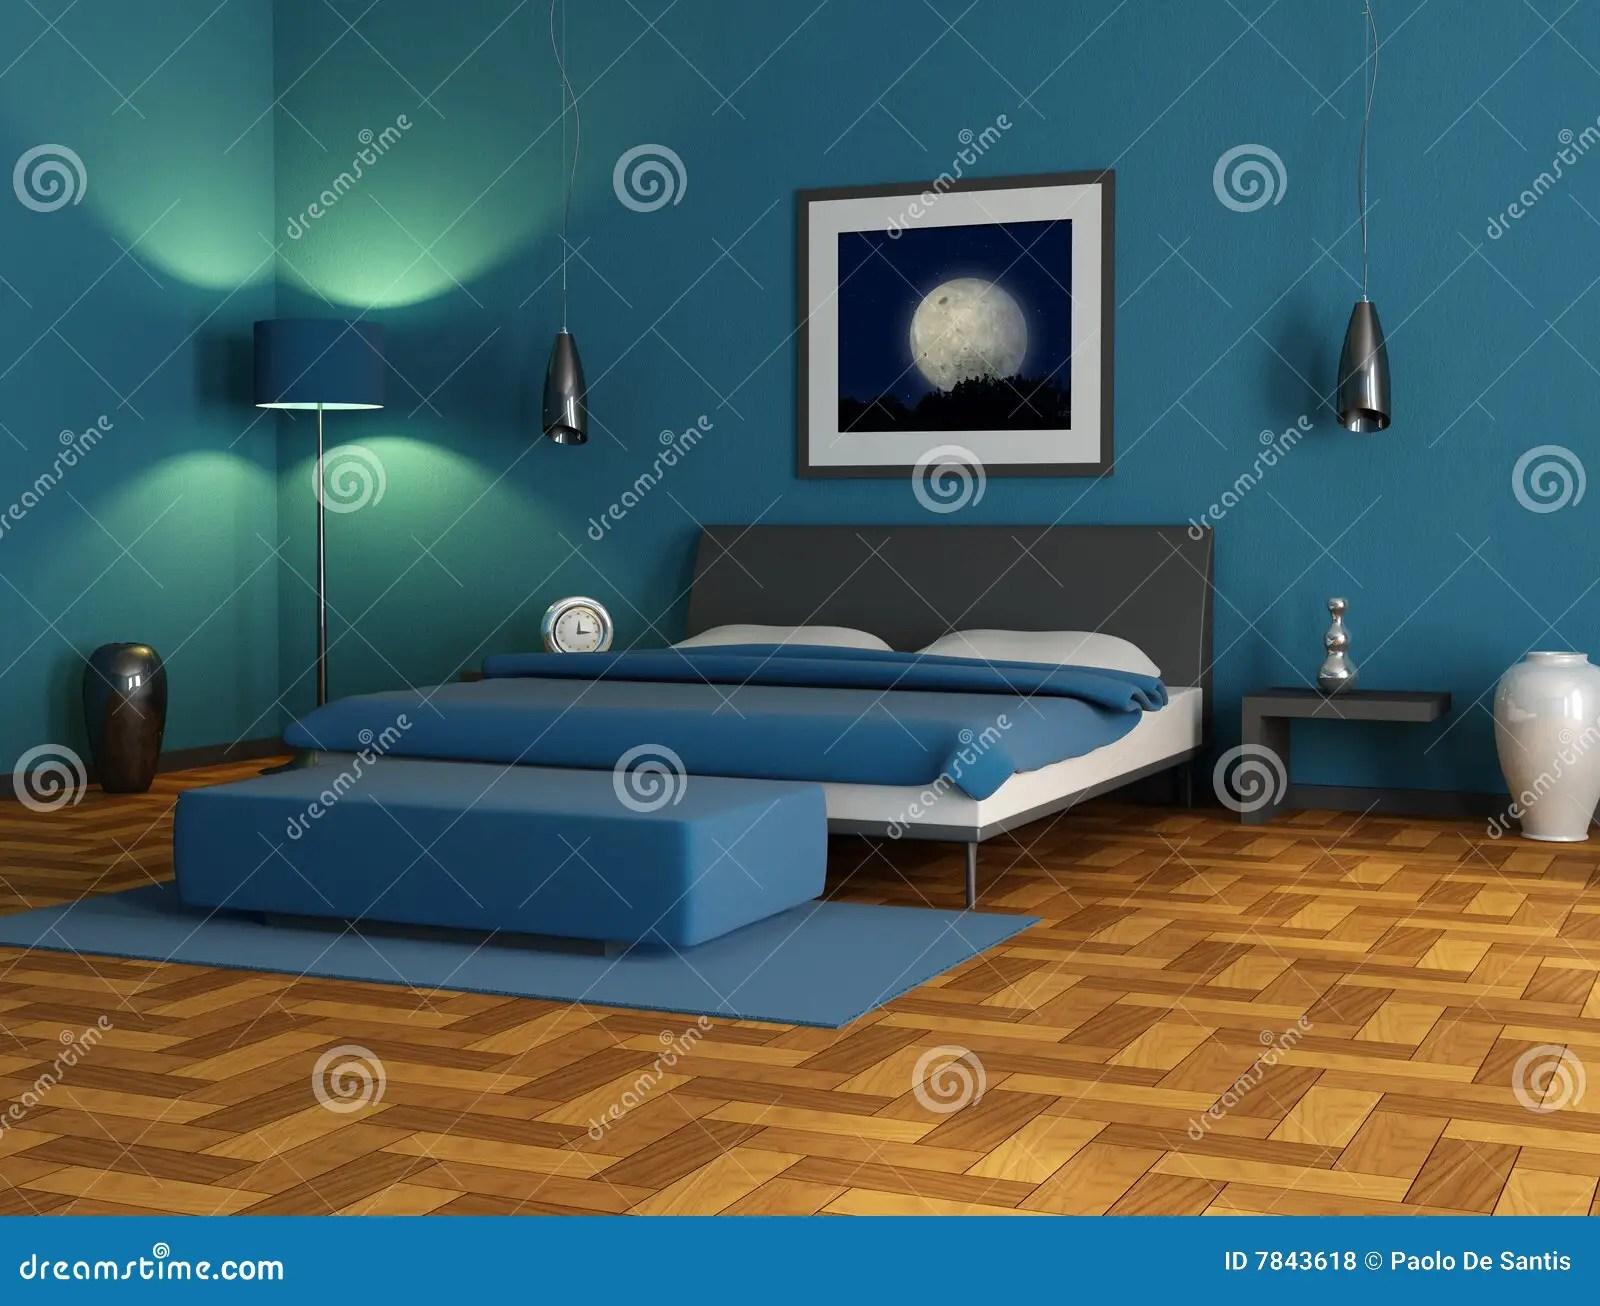 Camere Da Letto Blu : Camere da letto parete blu colori freddi verde e blu per case